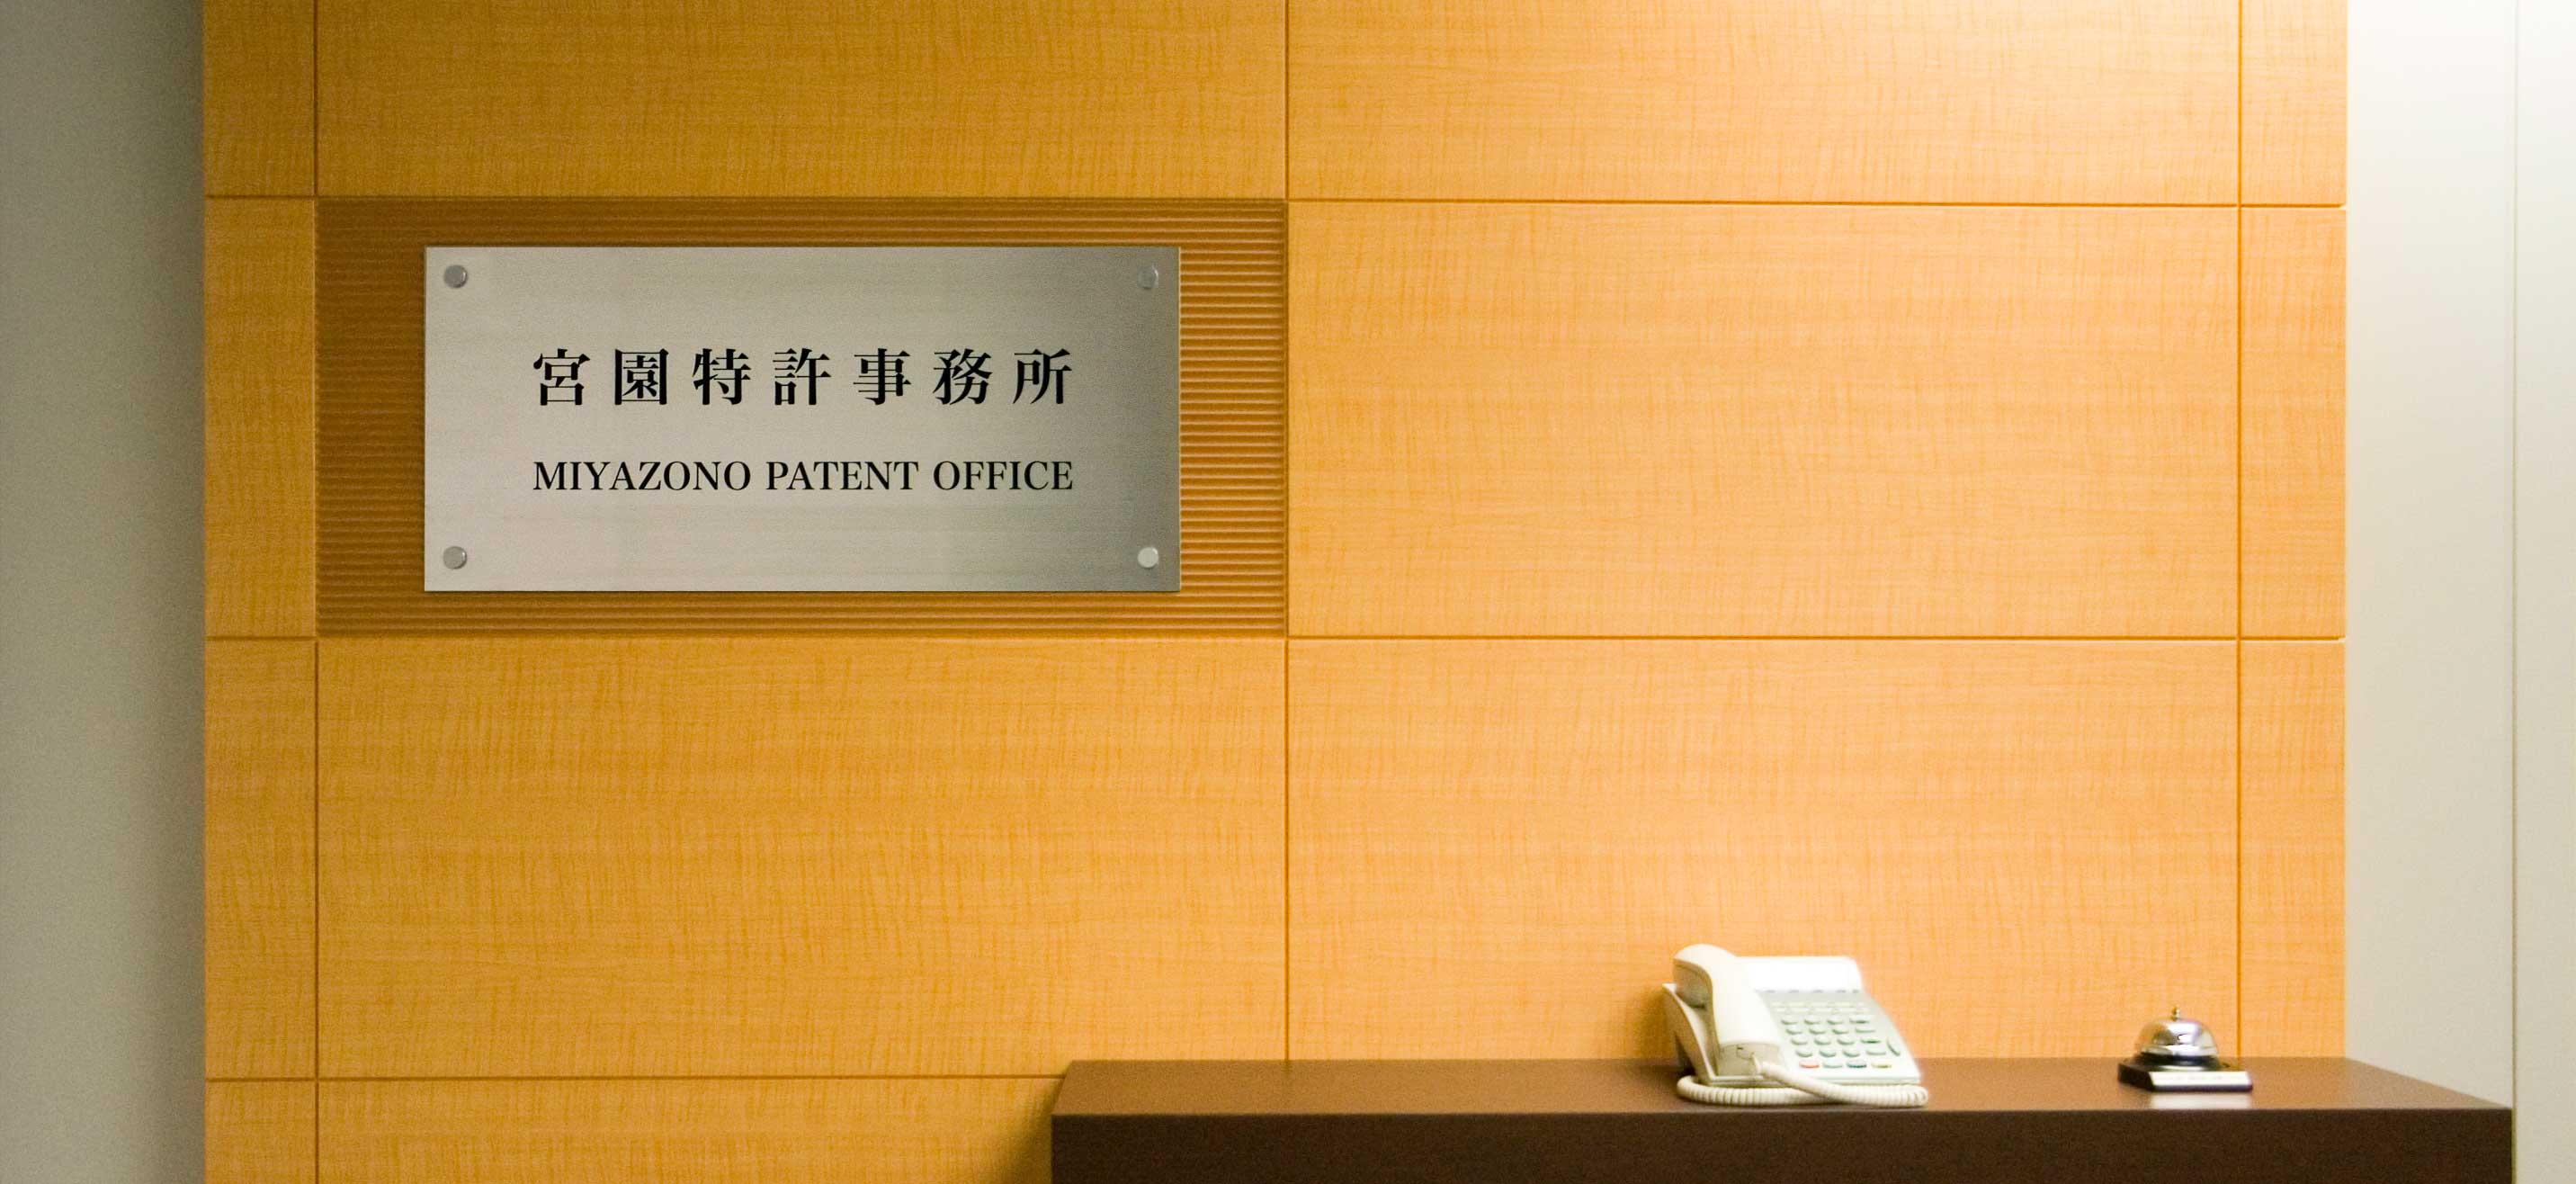 【大阪市淀川区】 宮園特許事務所 ◆大手クライアントを中心に確かな信頼◆ のイメージ